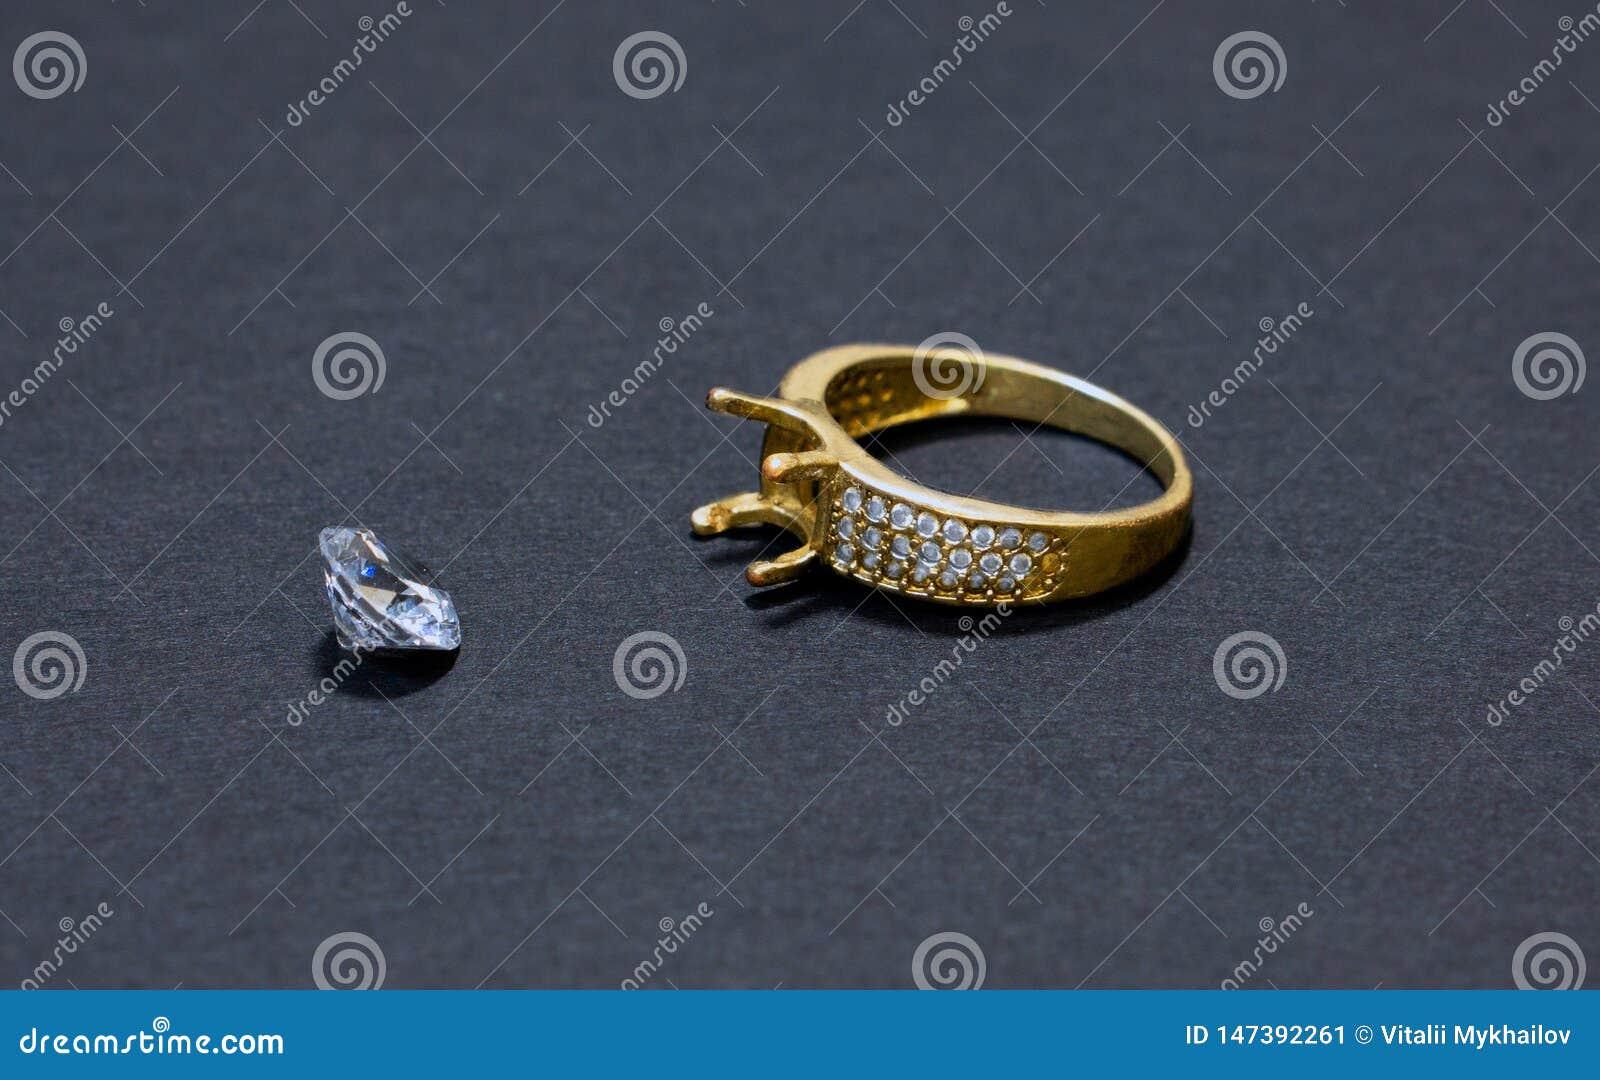 Het juwelenwerk, gouden ring met een diamant, voorbereiding voor het installeren van een steen op een ring, donkere achtergrond